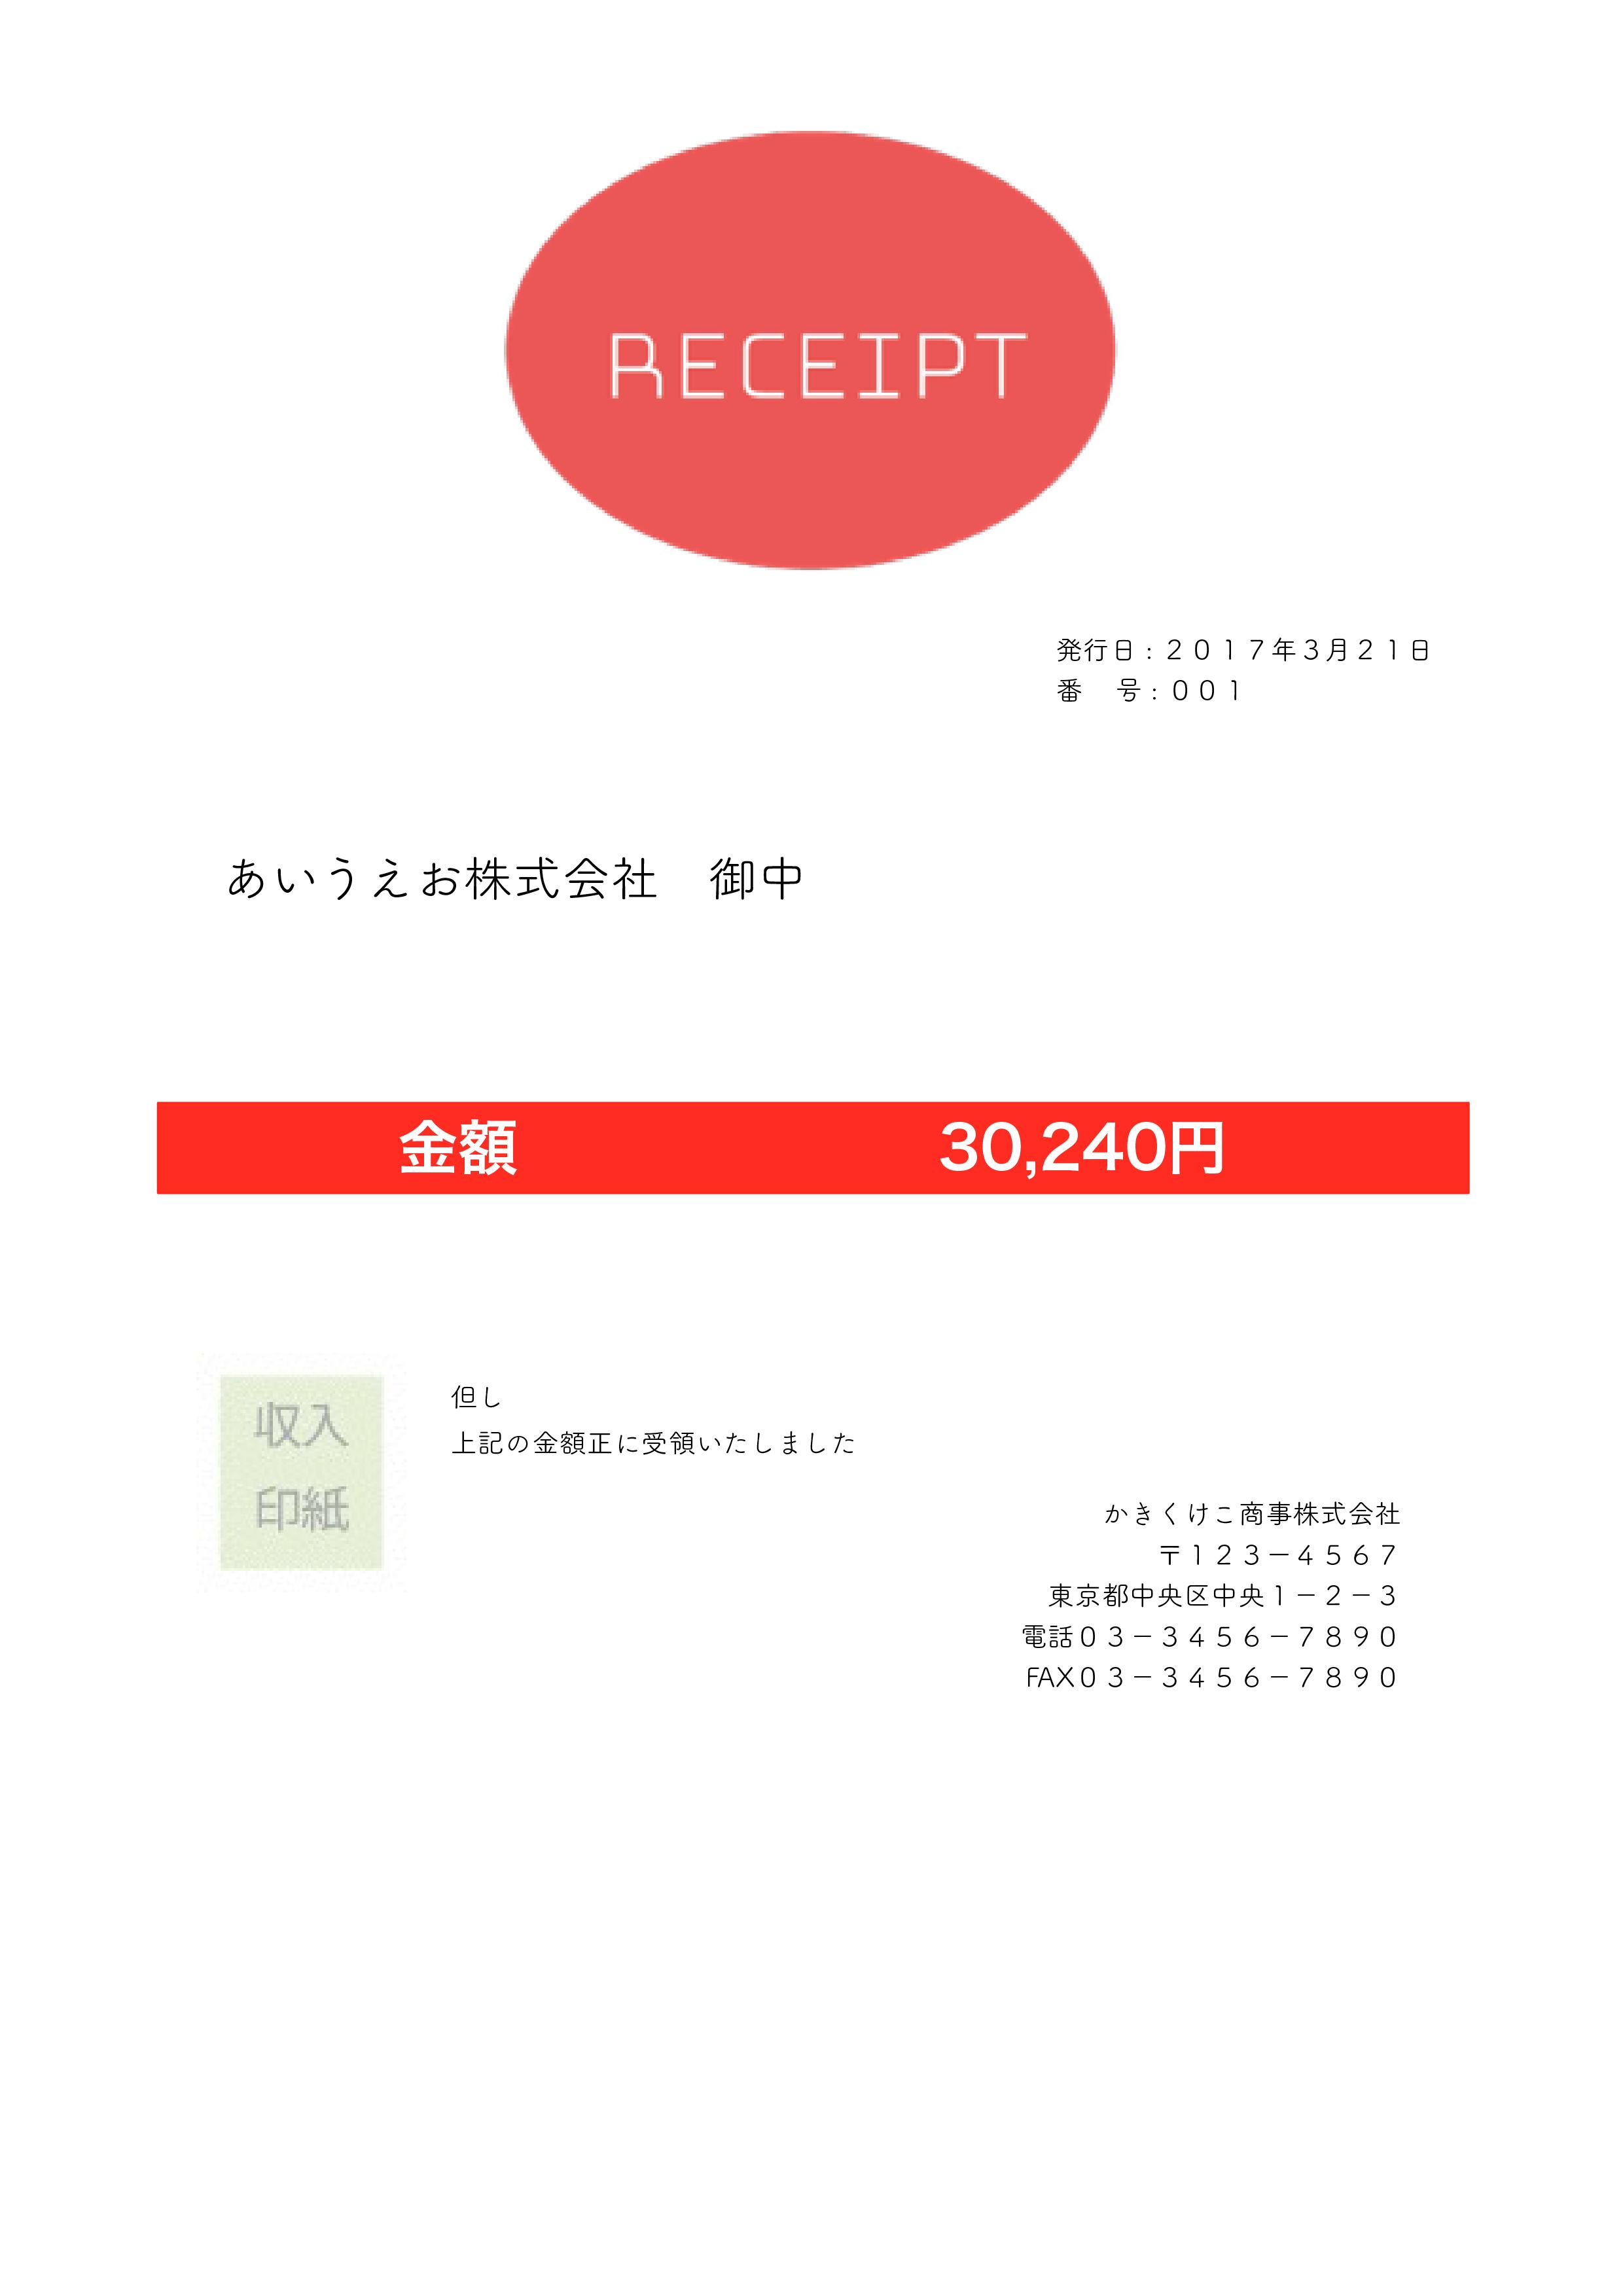 シンプルな領収書(Receipt)テンプレート(ワード、ページズ)A4サイズ レッド